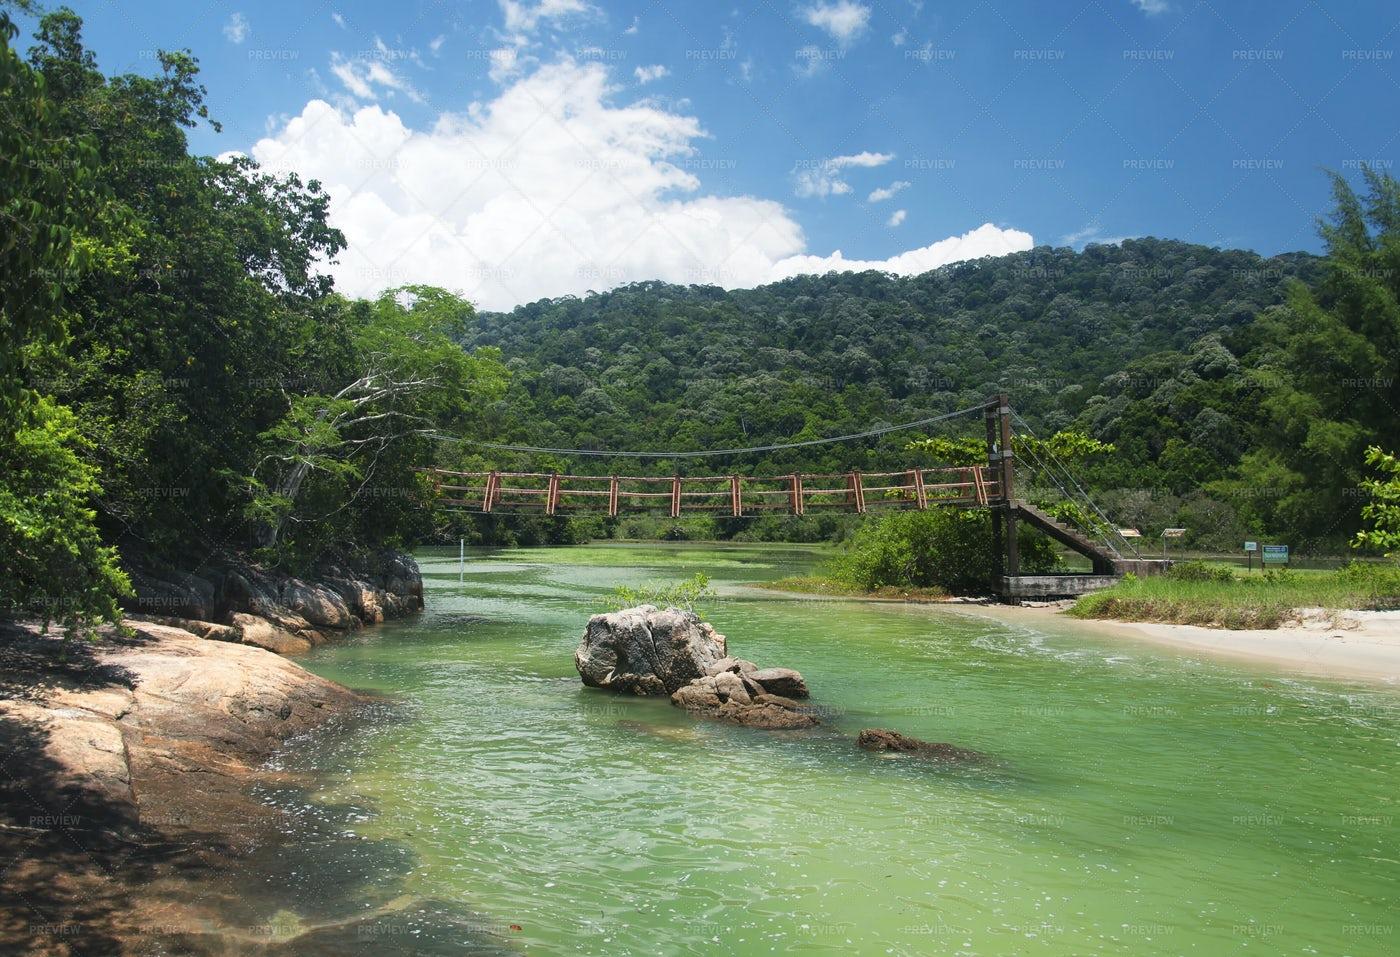 Penang National Park Bridge Malaysia: Stock Photos